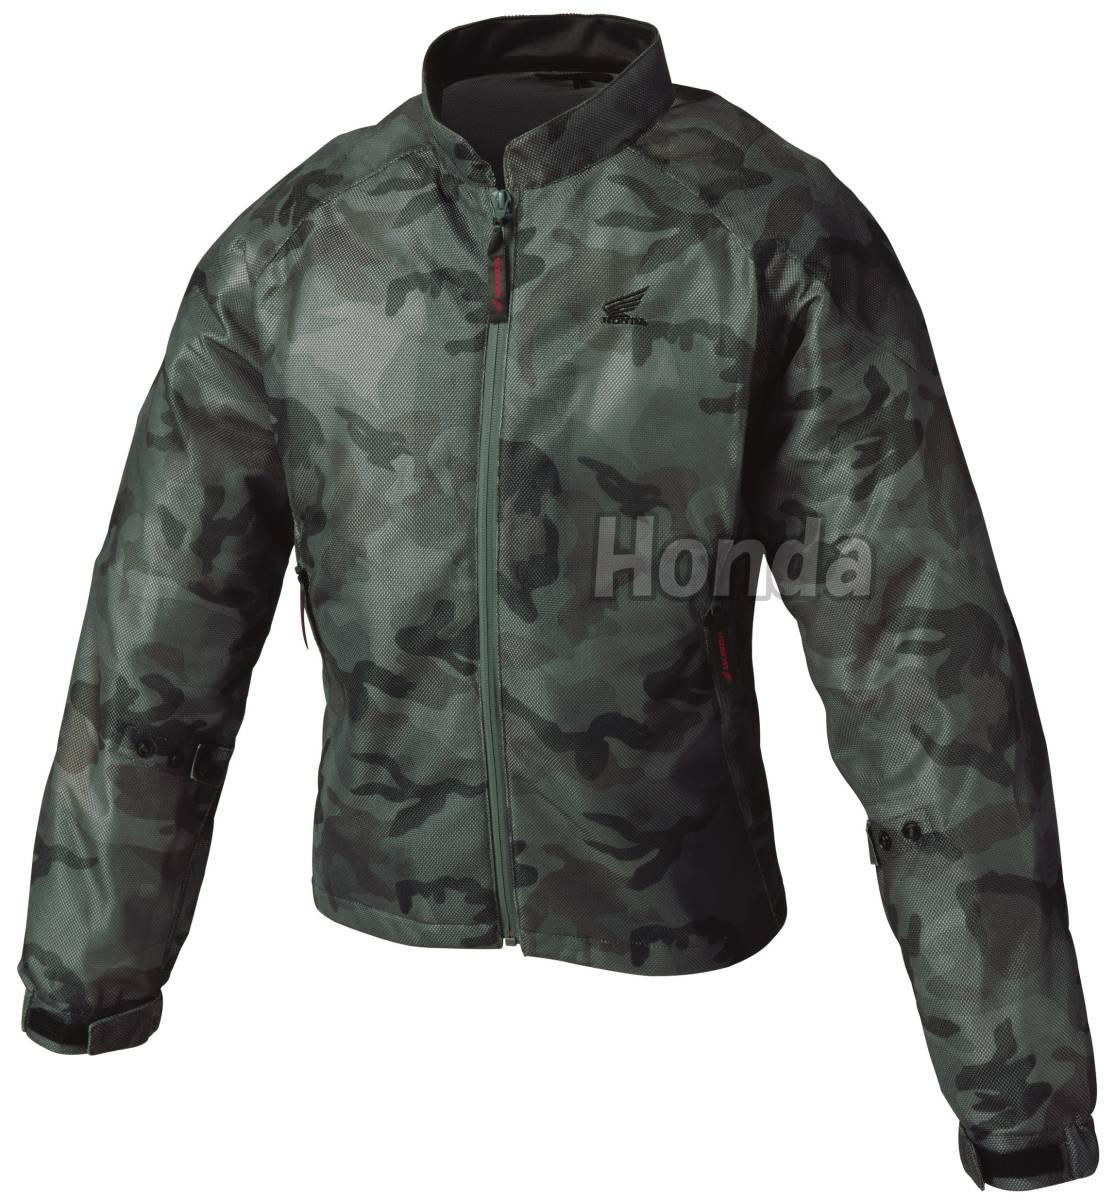 ■Honda エアスルーUVジャケット カモフラージュ 3Lサイズ 0SYTH-Y3S-C